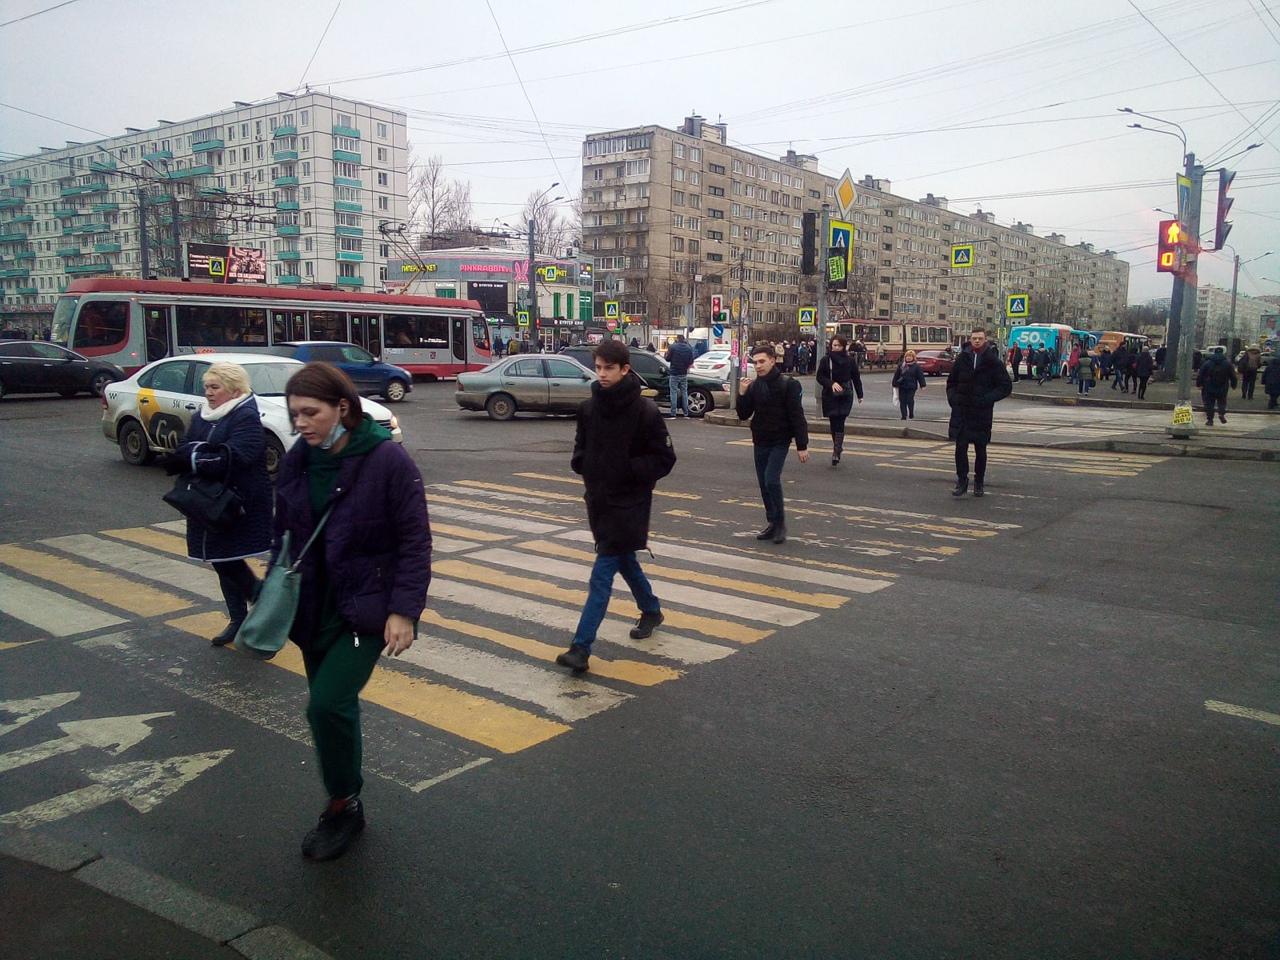 На перекрестке Дыбенко и Большевиков Галант протаранил Subaru. Пострадавших нет, ждут дпс.